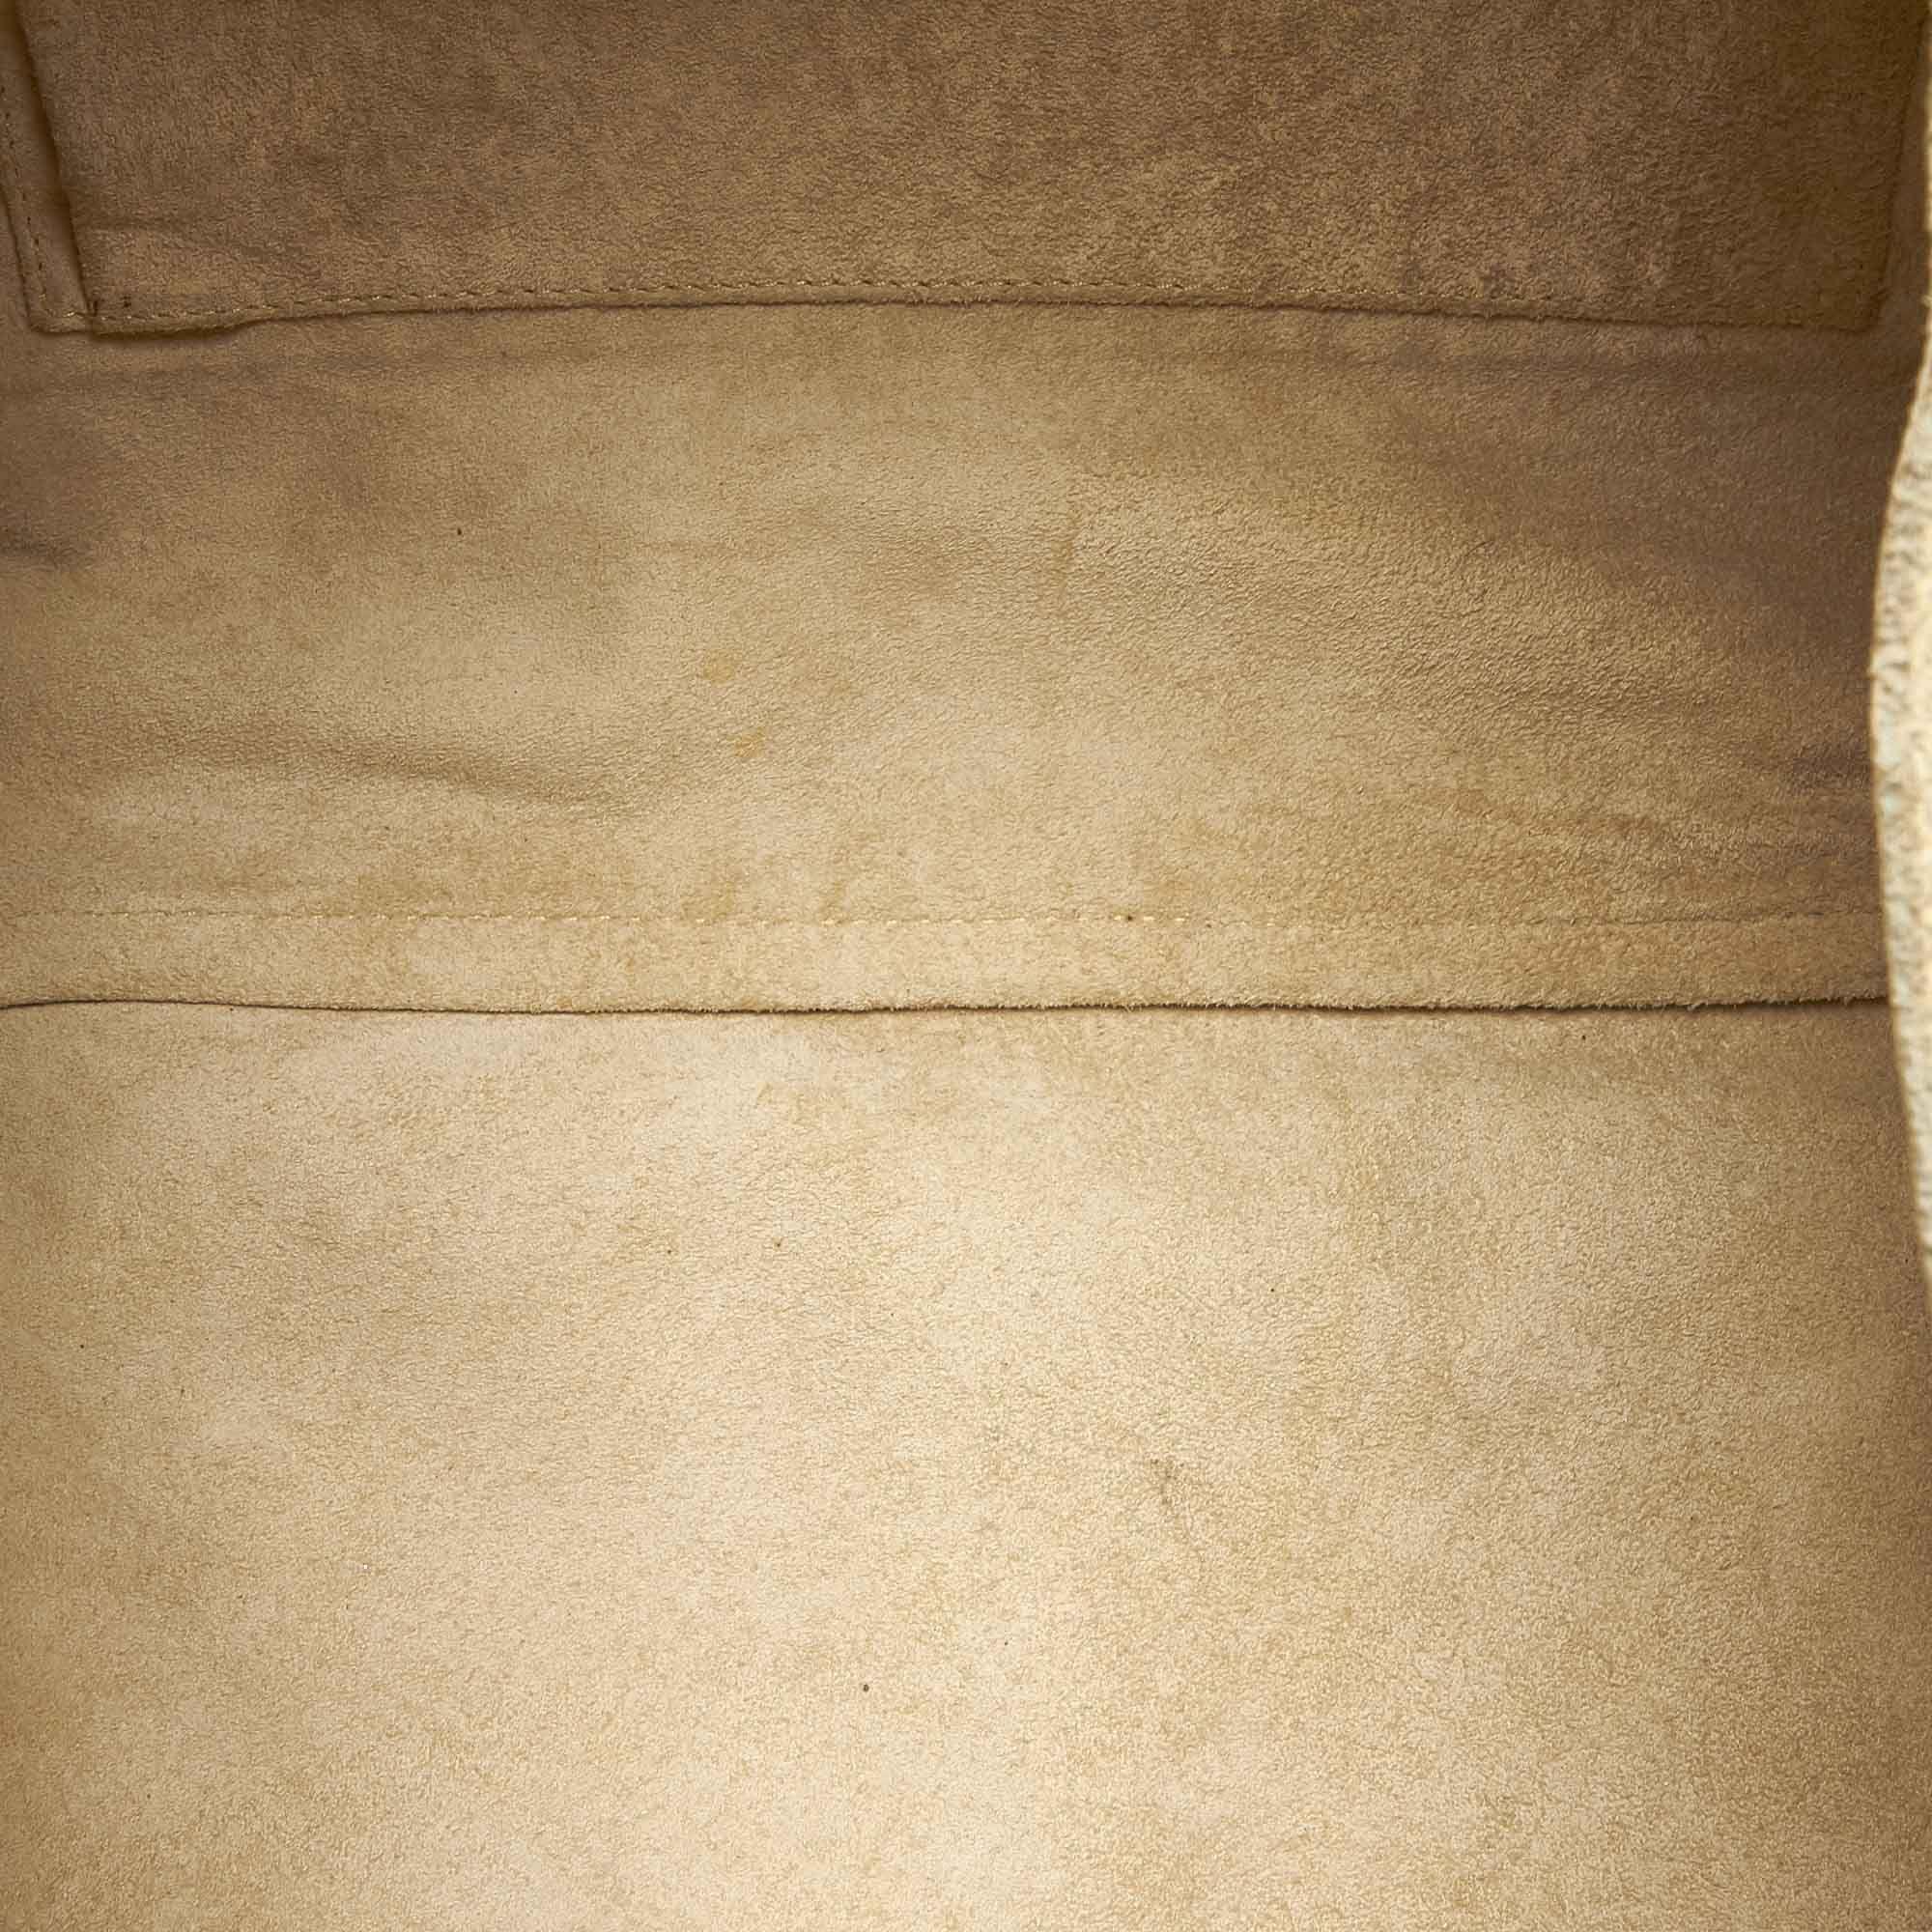 Vintage Gucci Suede Handbag Brown